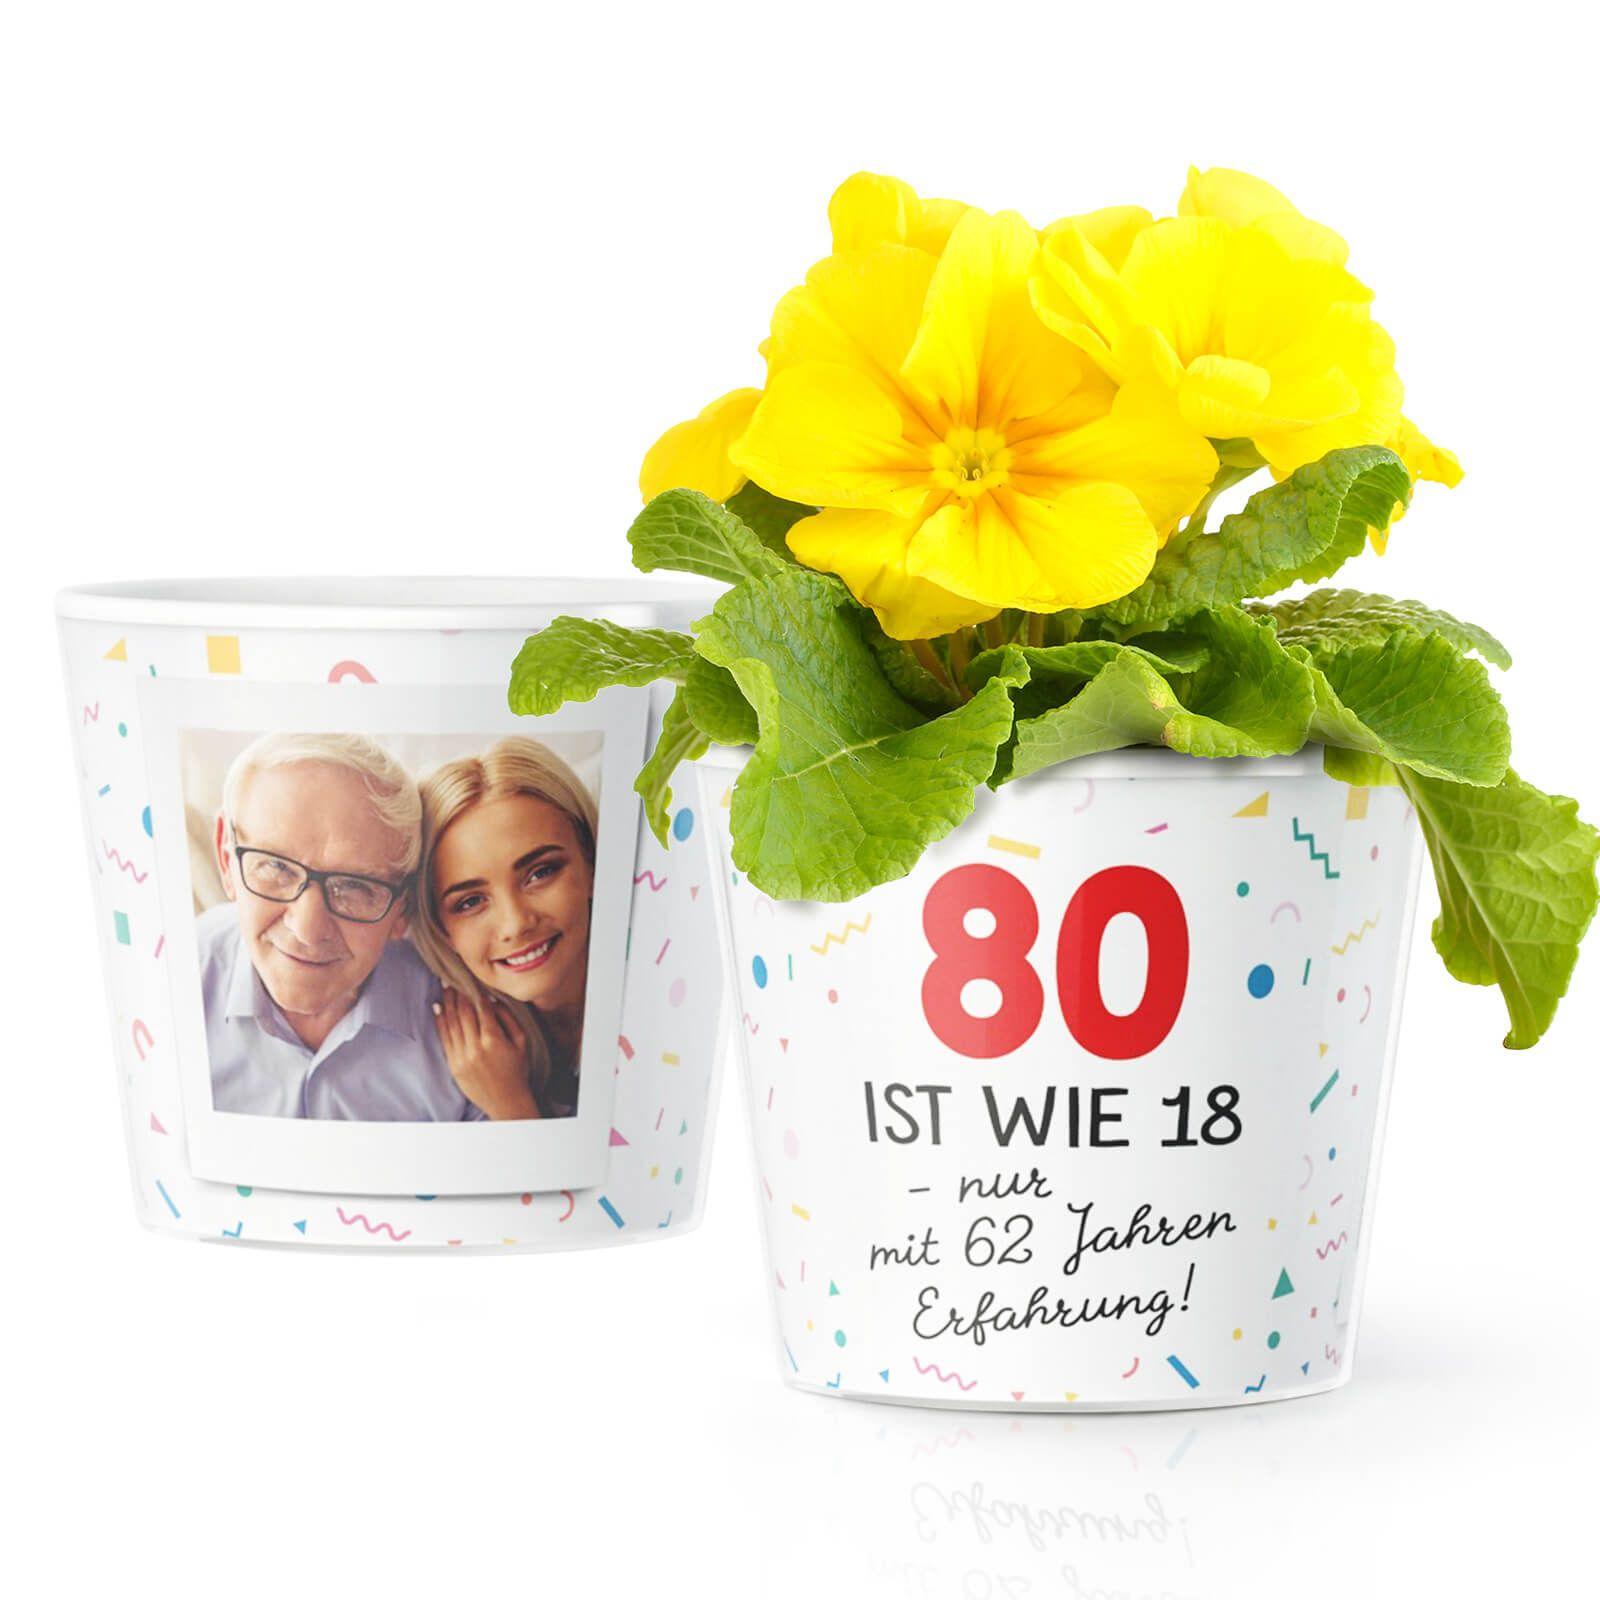 Geschenk zum 80. Geburtstag: 80 ist wie 18, nur mit 62